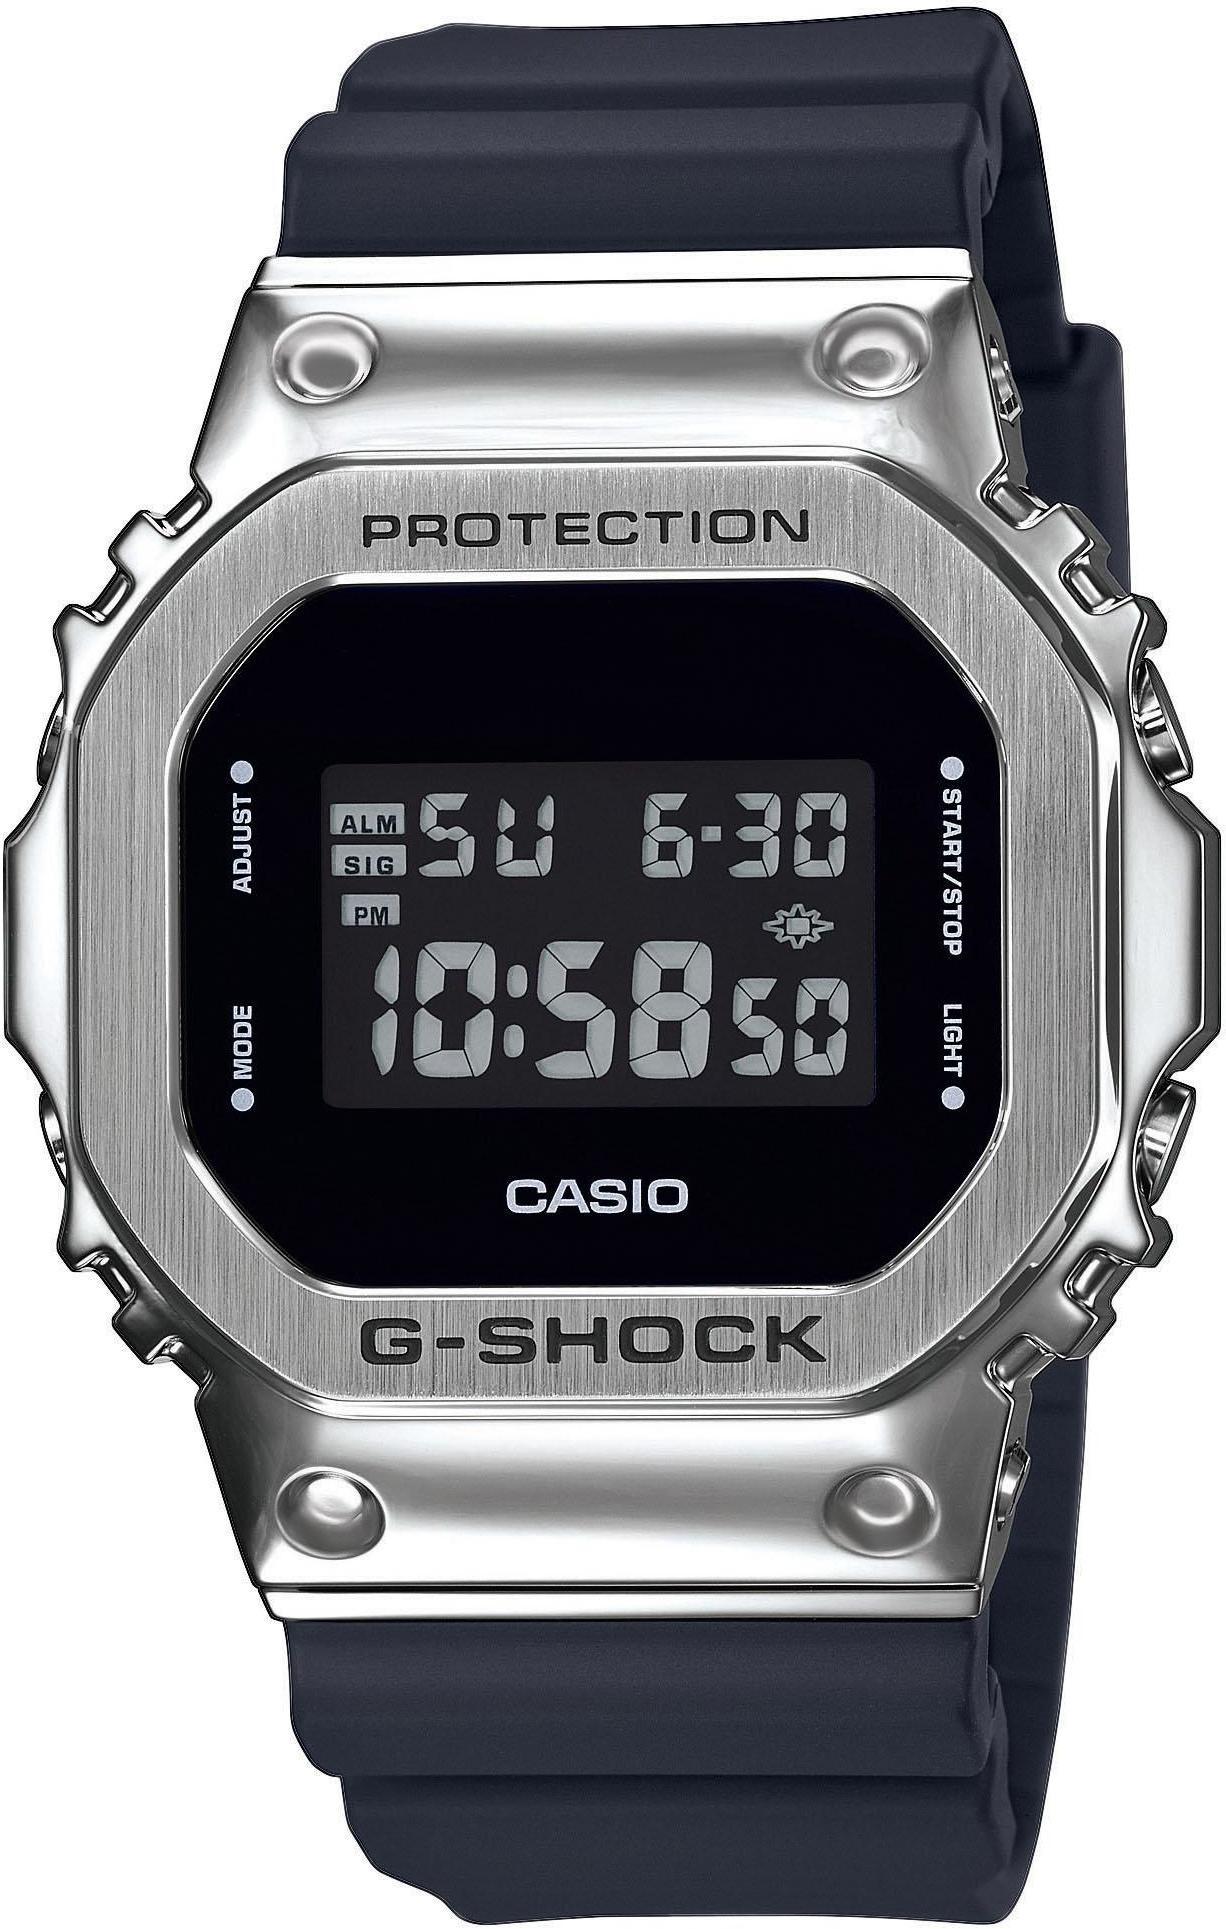 CASIO G-SHOCK The Origin GM-5600-1ER Ur Herrer, black/silver (2019)   Sports watches